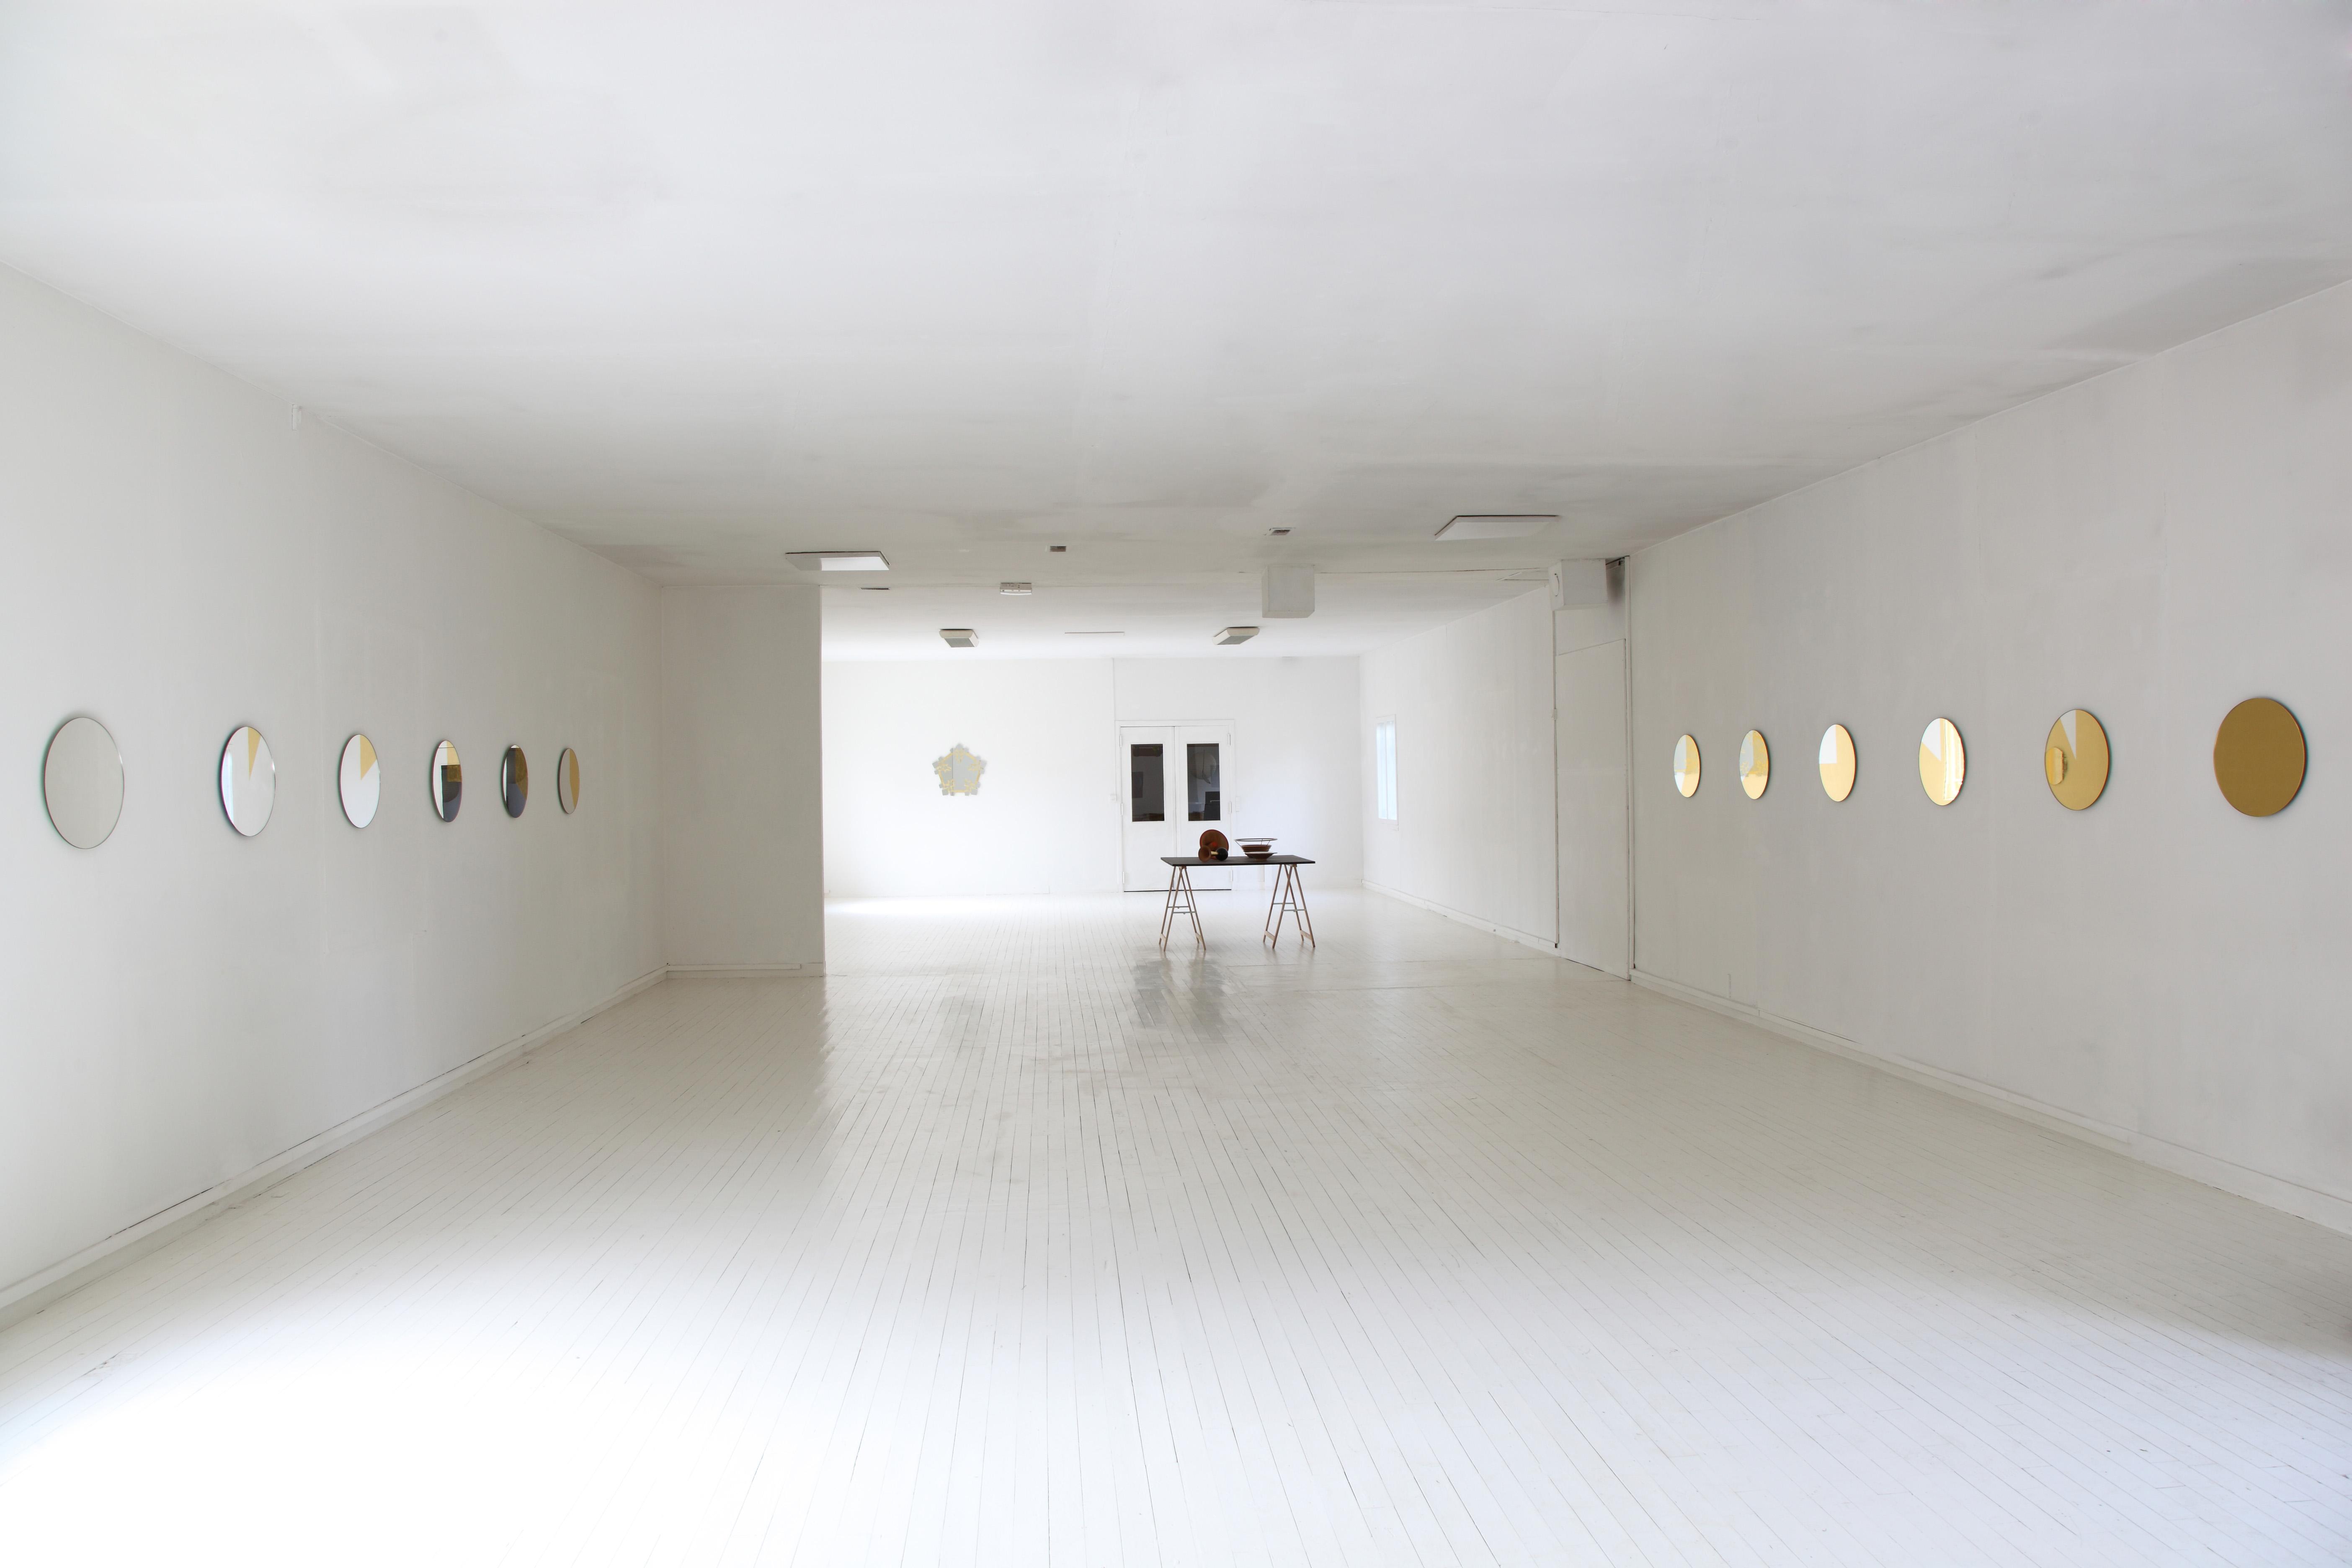 micha l cheneau cr ateur de la galerie d art contemporain mica rennes c 39 est bien viens. Black Bedroom Furniture Sets. Home Design Ideas